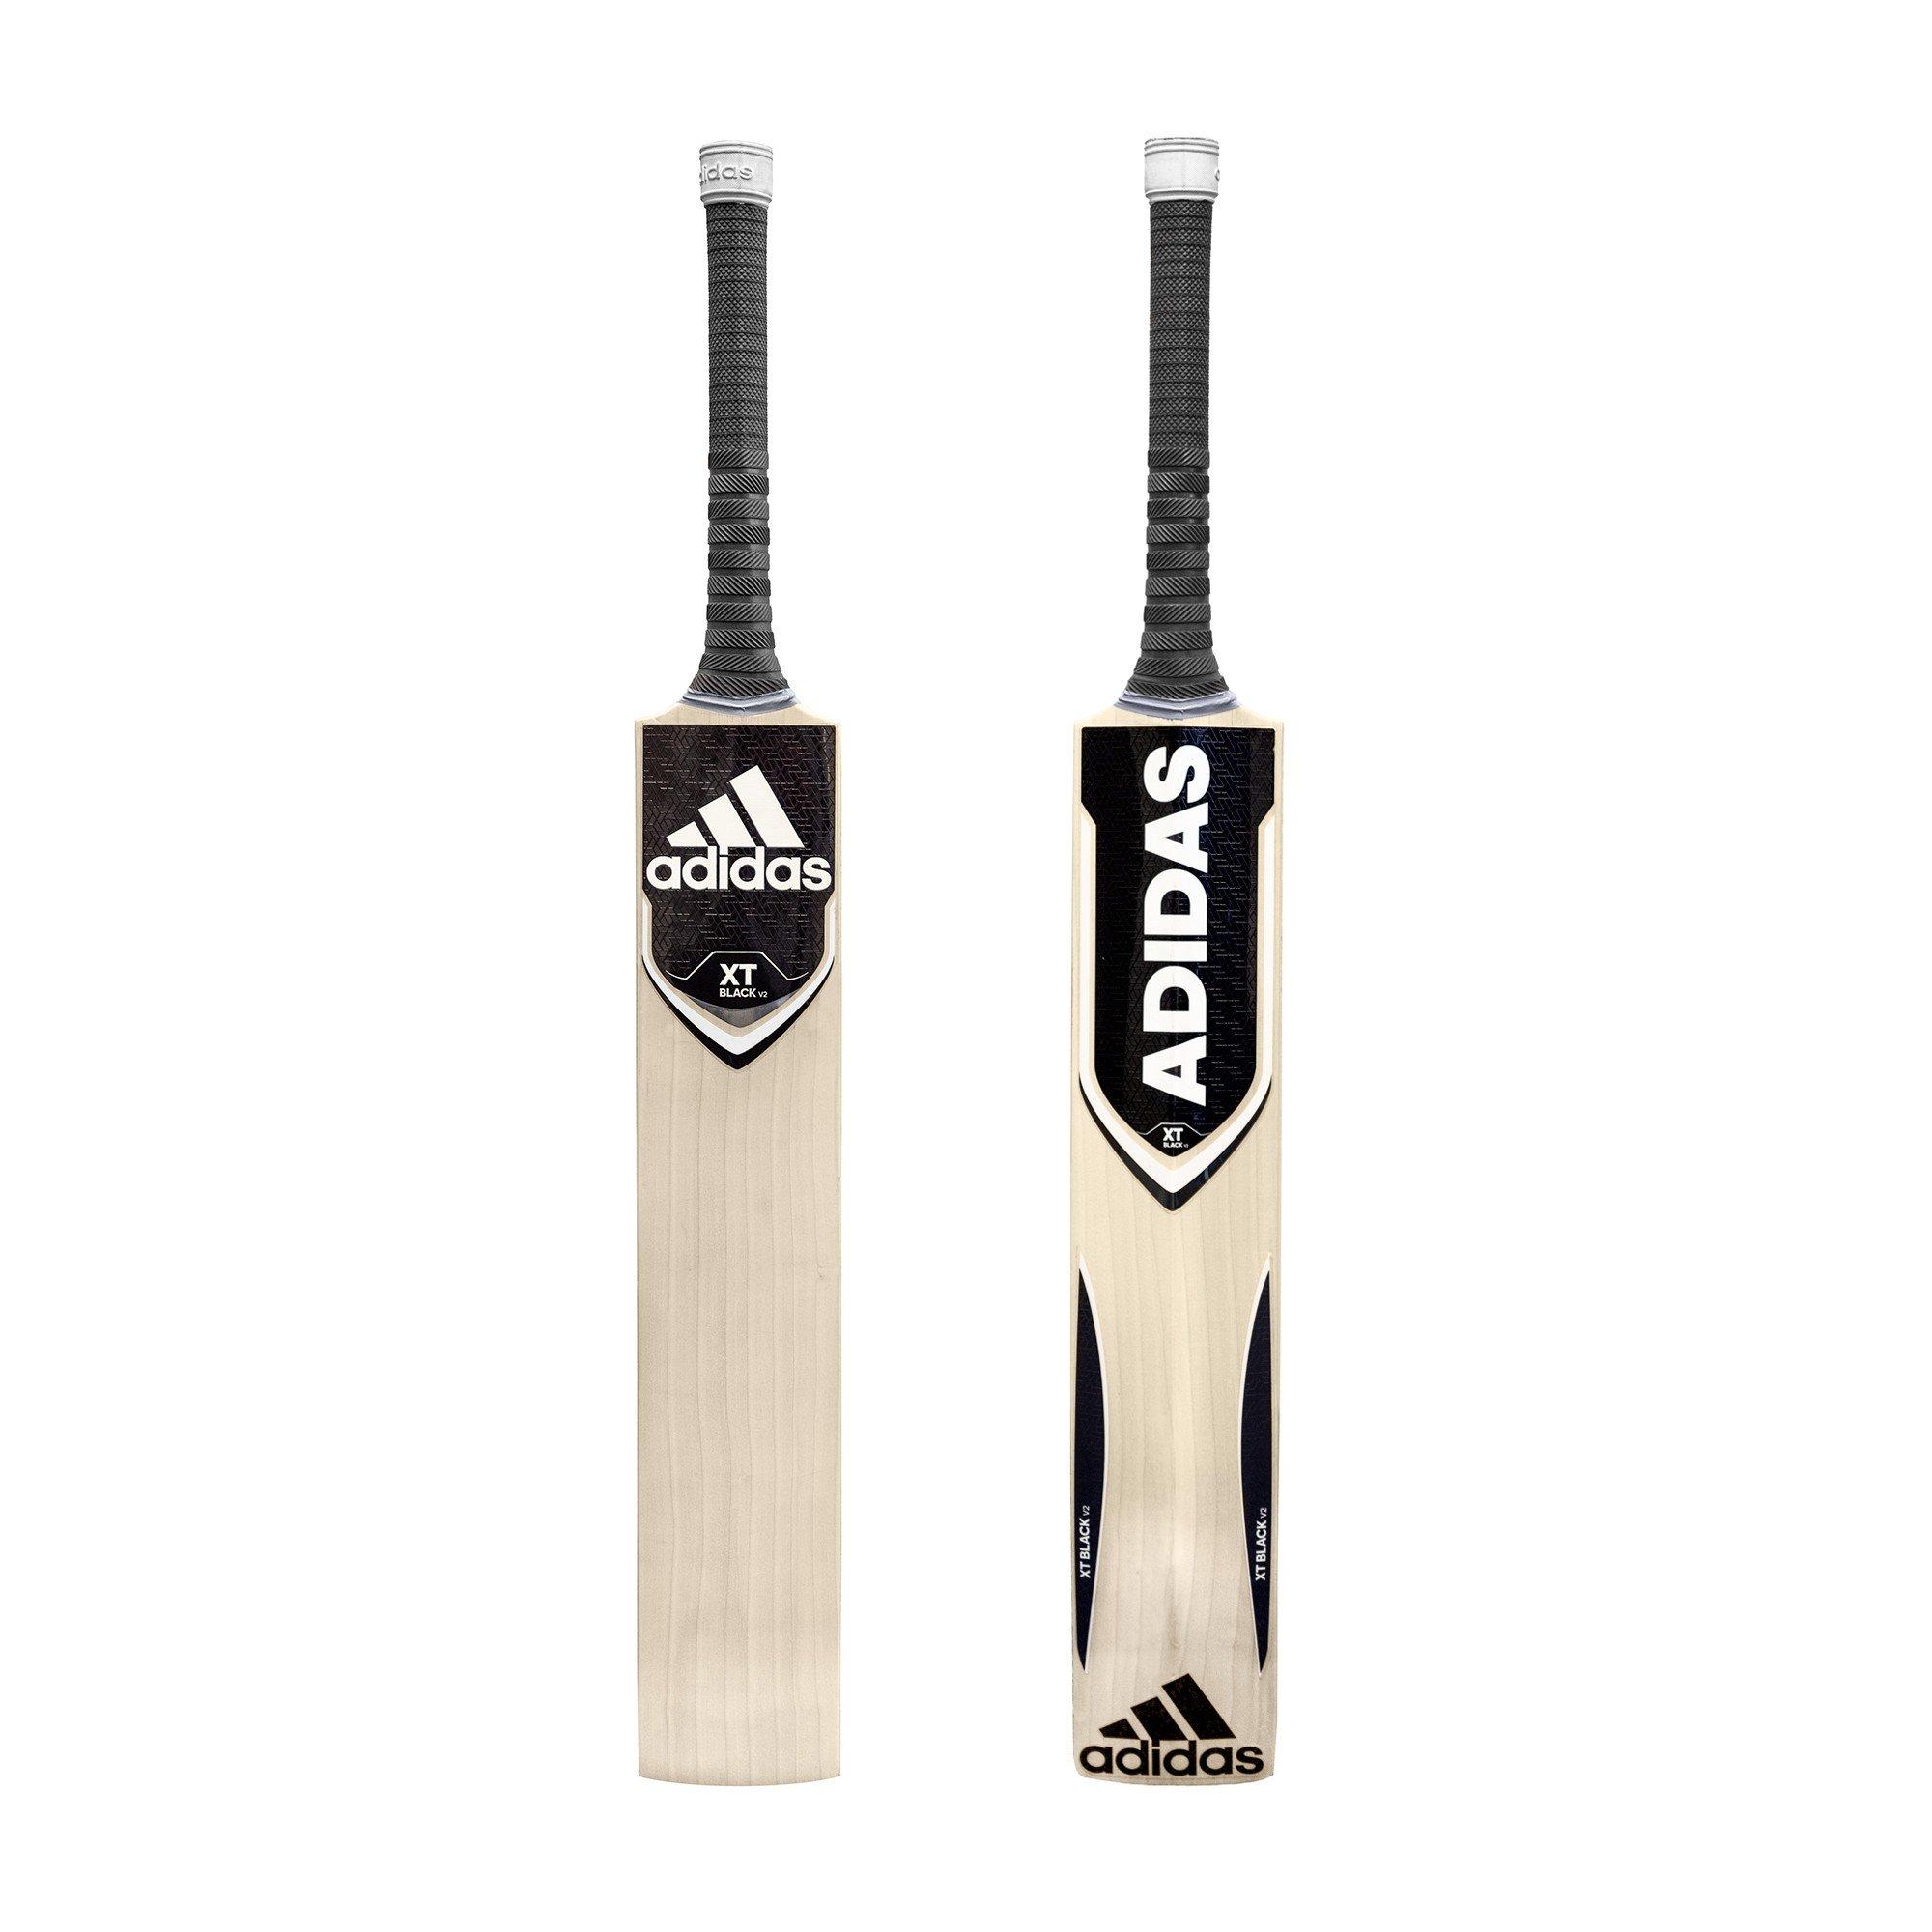 2019 Adidas XT Black 5.0 Cricket Bat